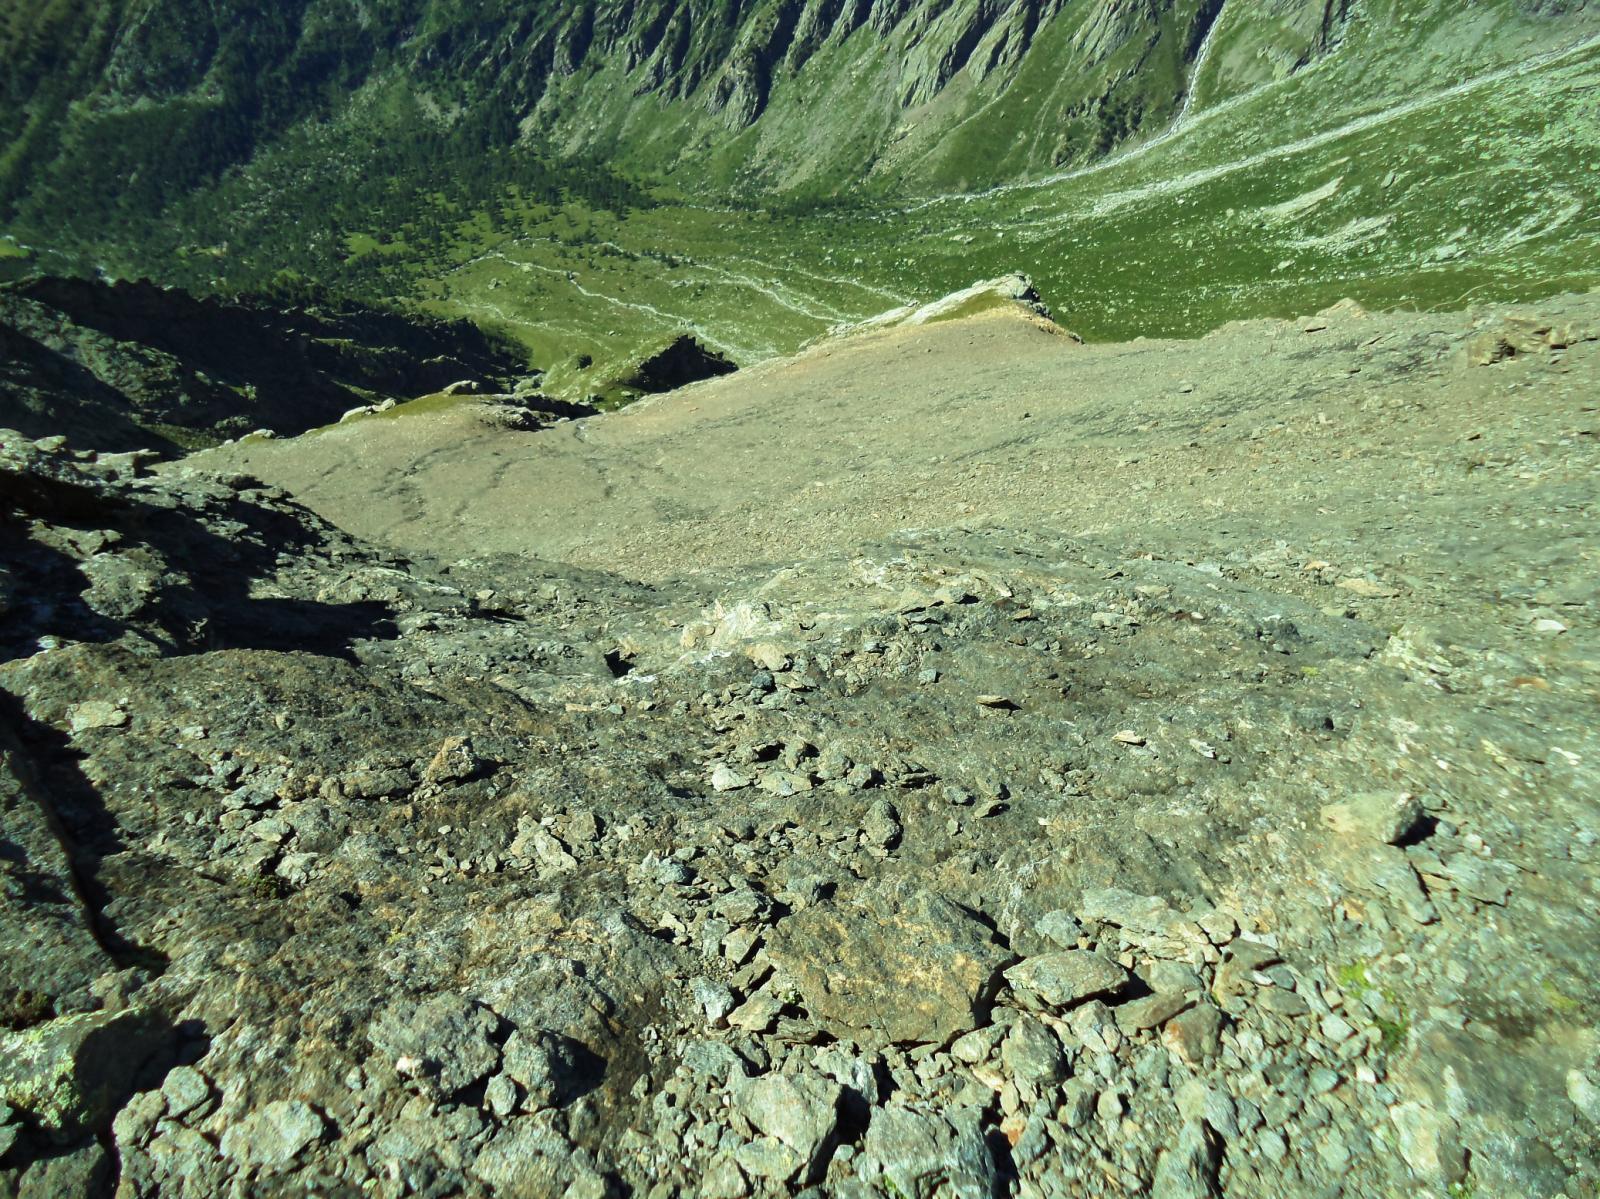 le placche lato vallone galambra: roccia discreta ma coperta da un po' di detrito